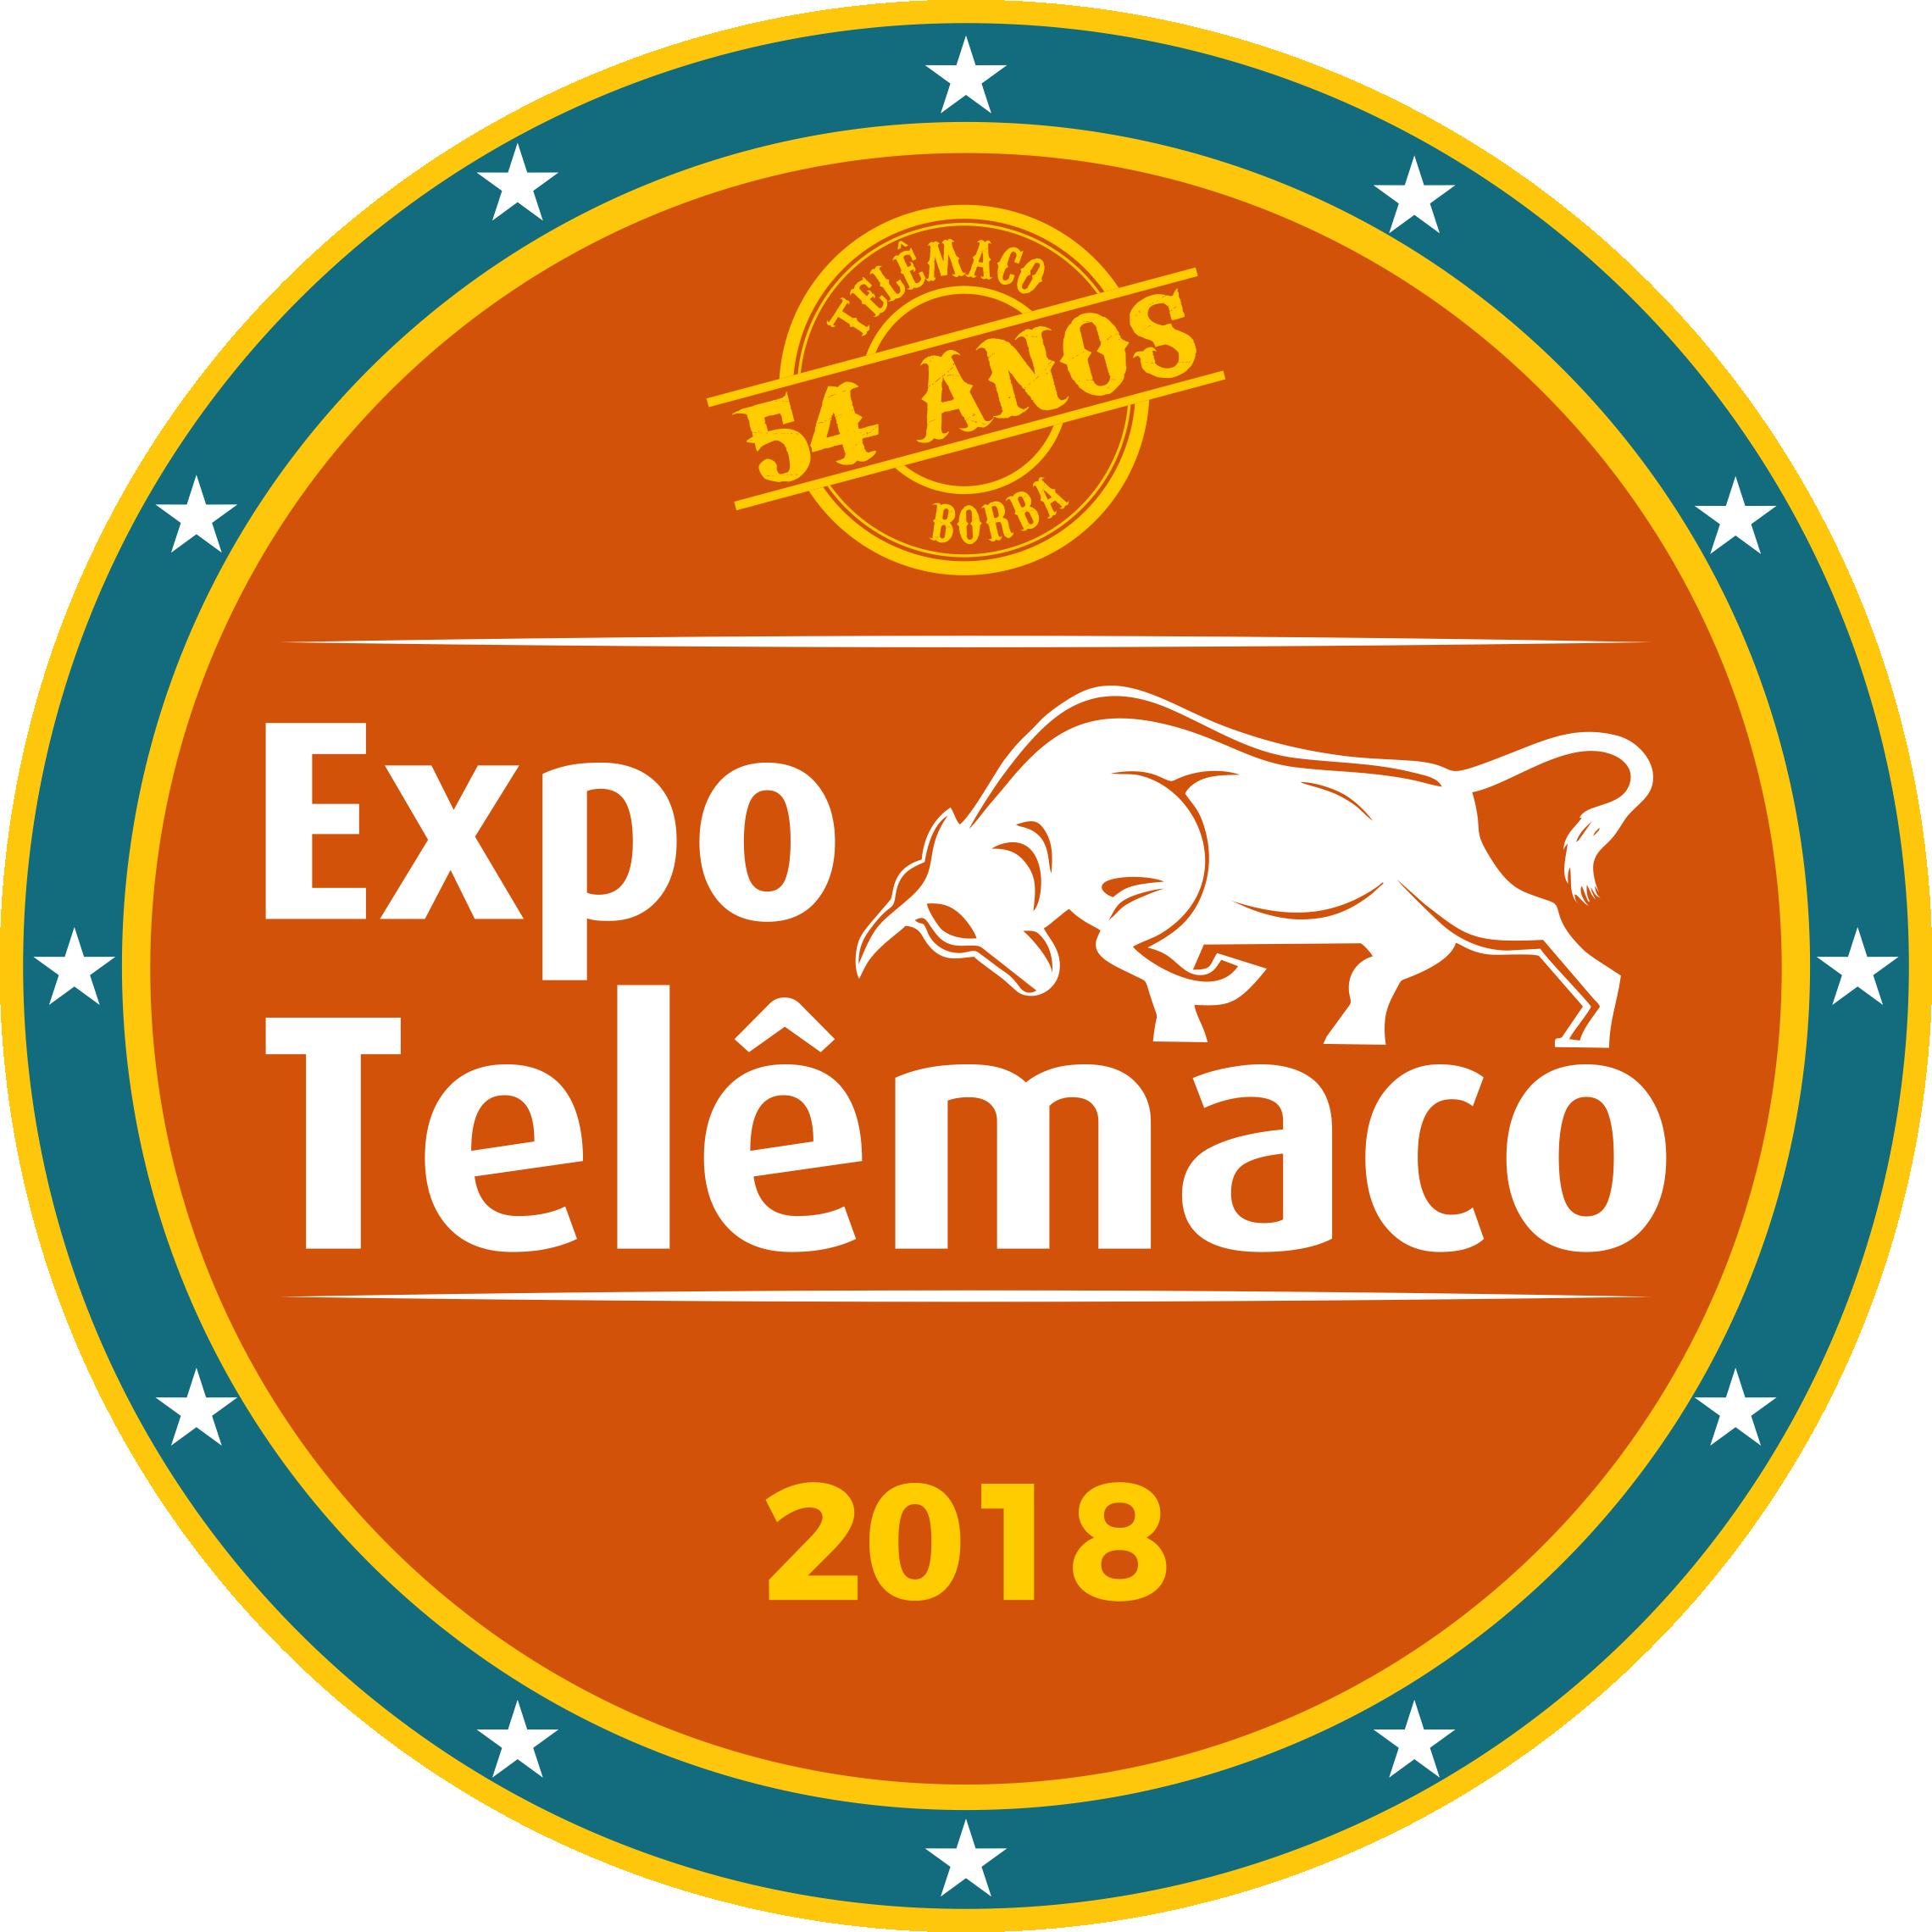 Expo Telêmaco 2018